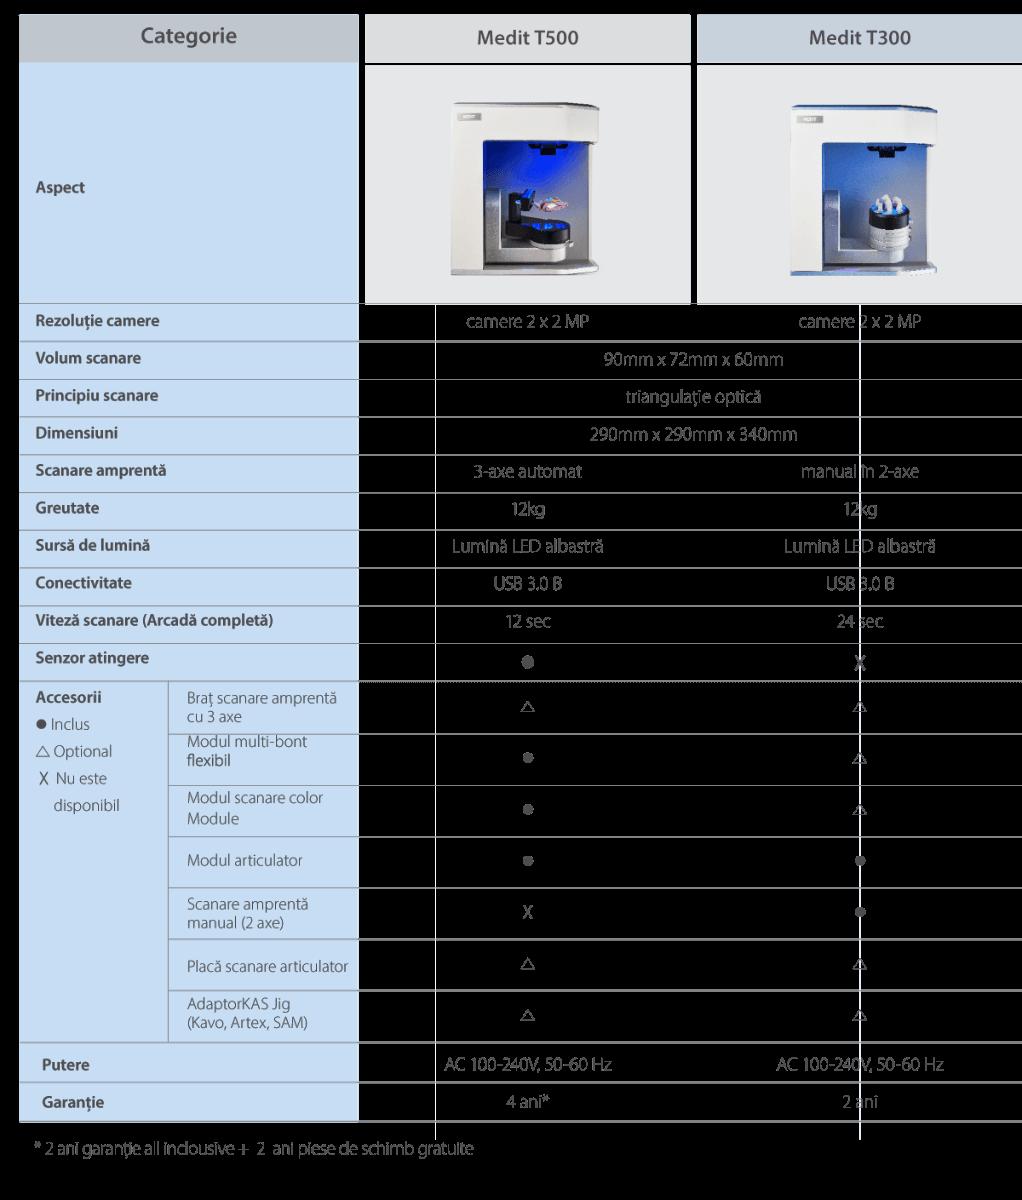 Comparatie scanere Medit T300 / T500